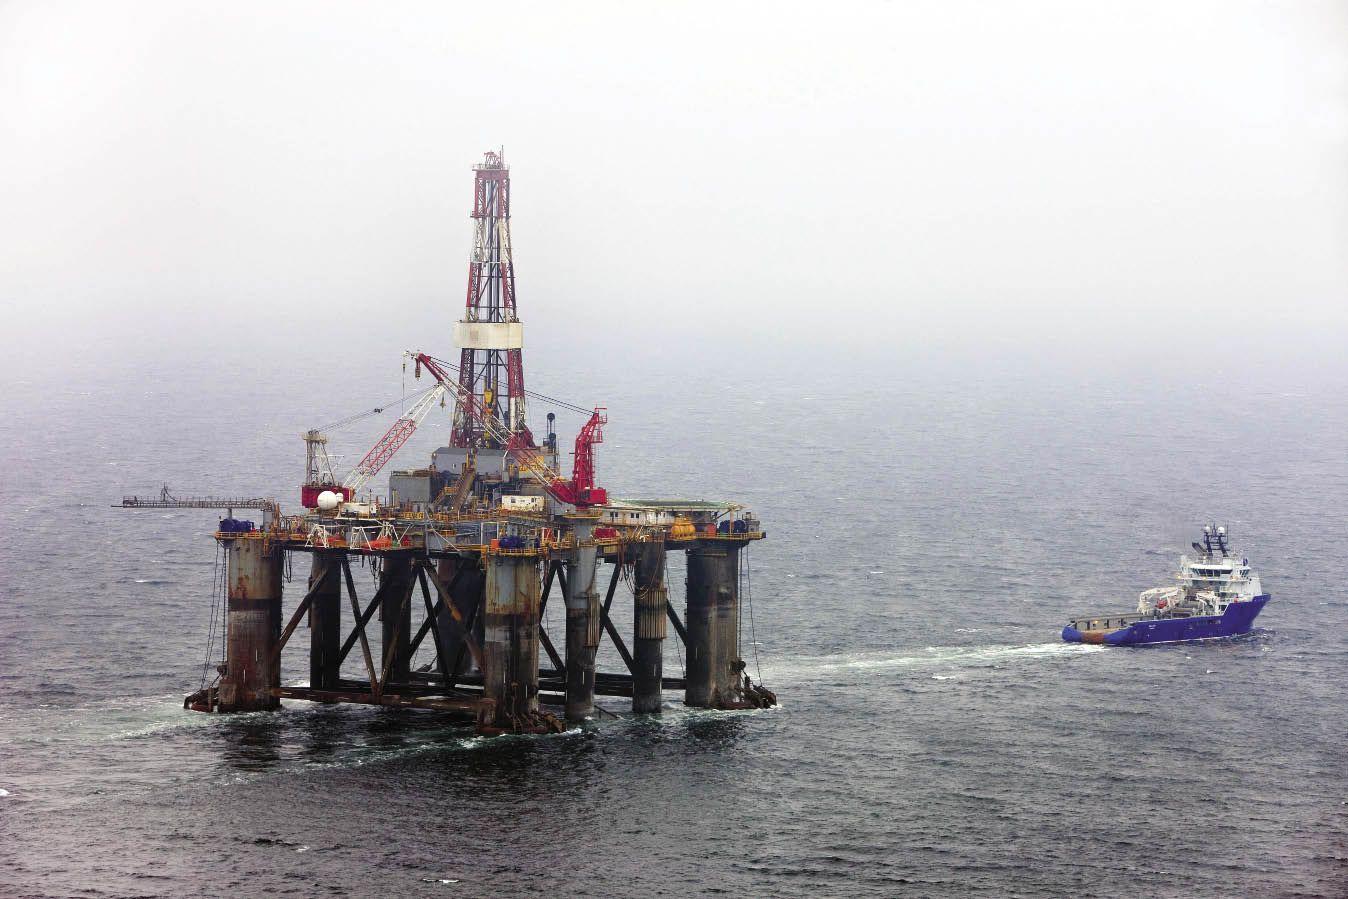 El gobierno presentó una denuncia a empresas que buscan petróleo en Malvinas